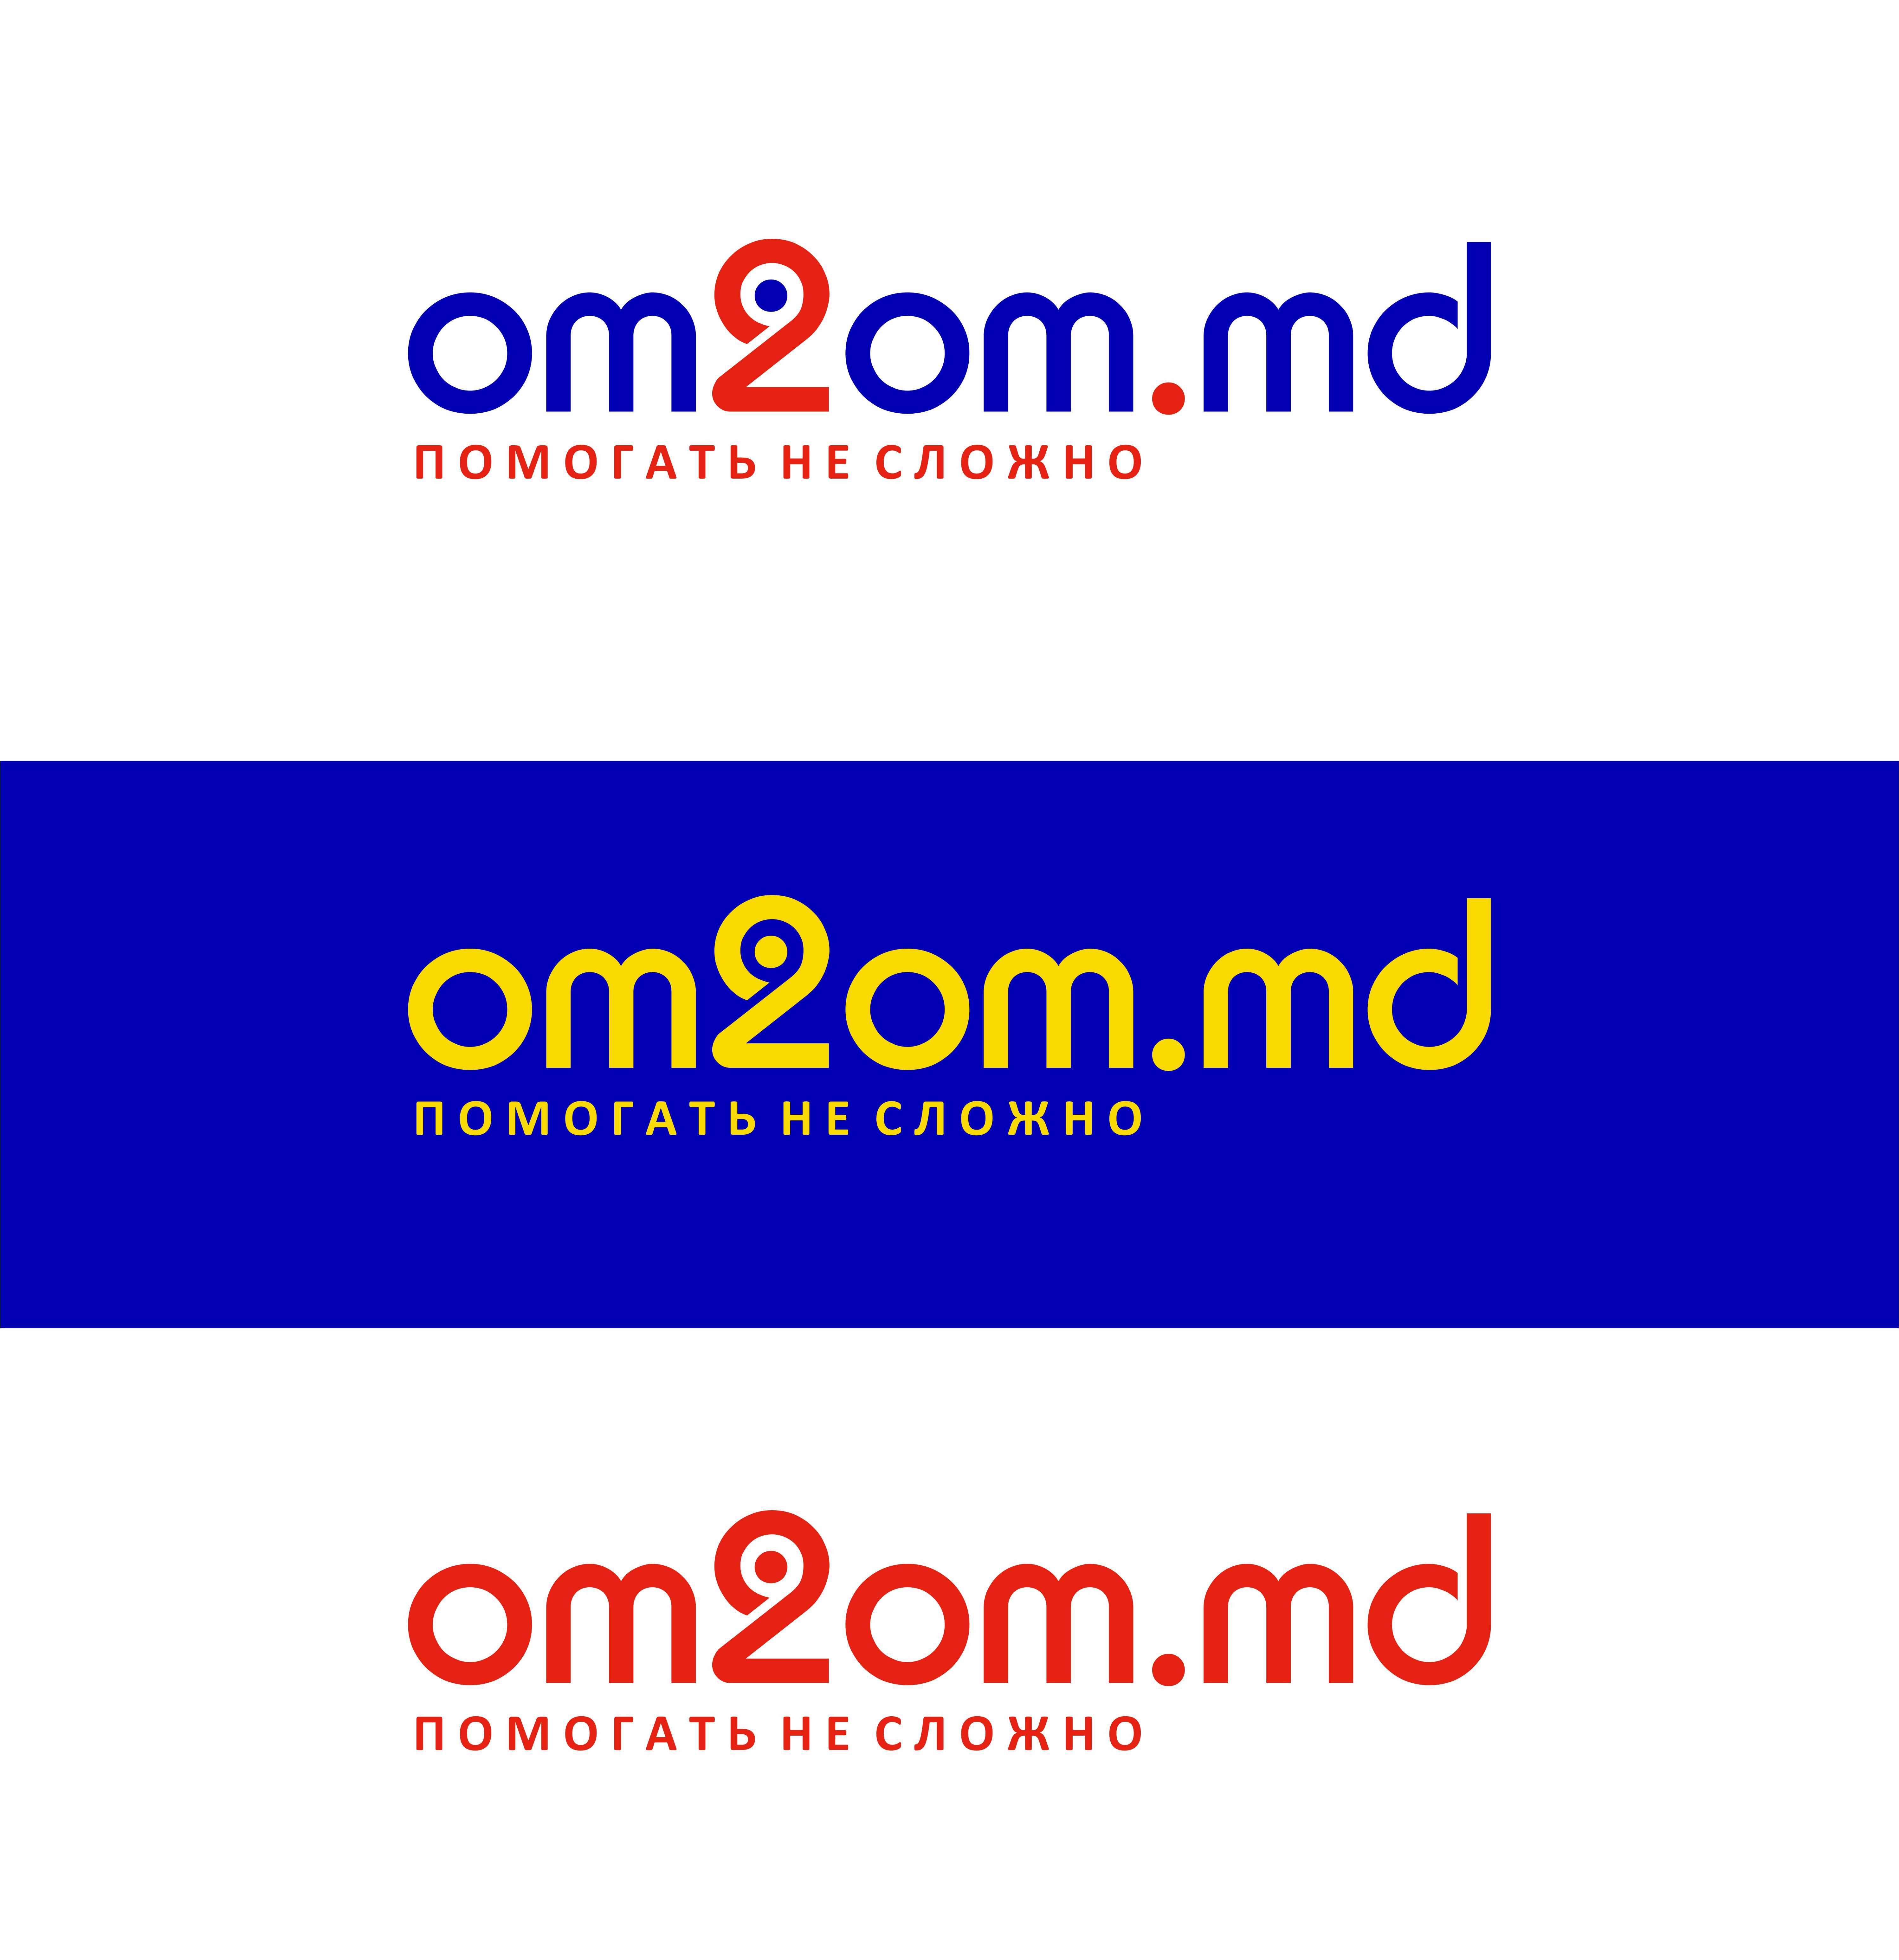 Разработка логотипа для краудфандинговой платформы om2om.md фото f_7885f5ee16828087.jpg